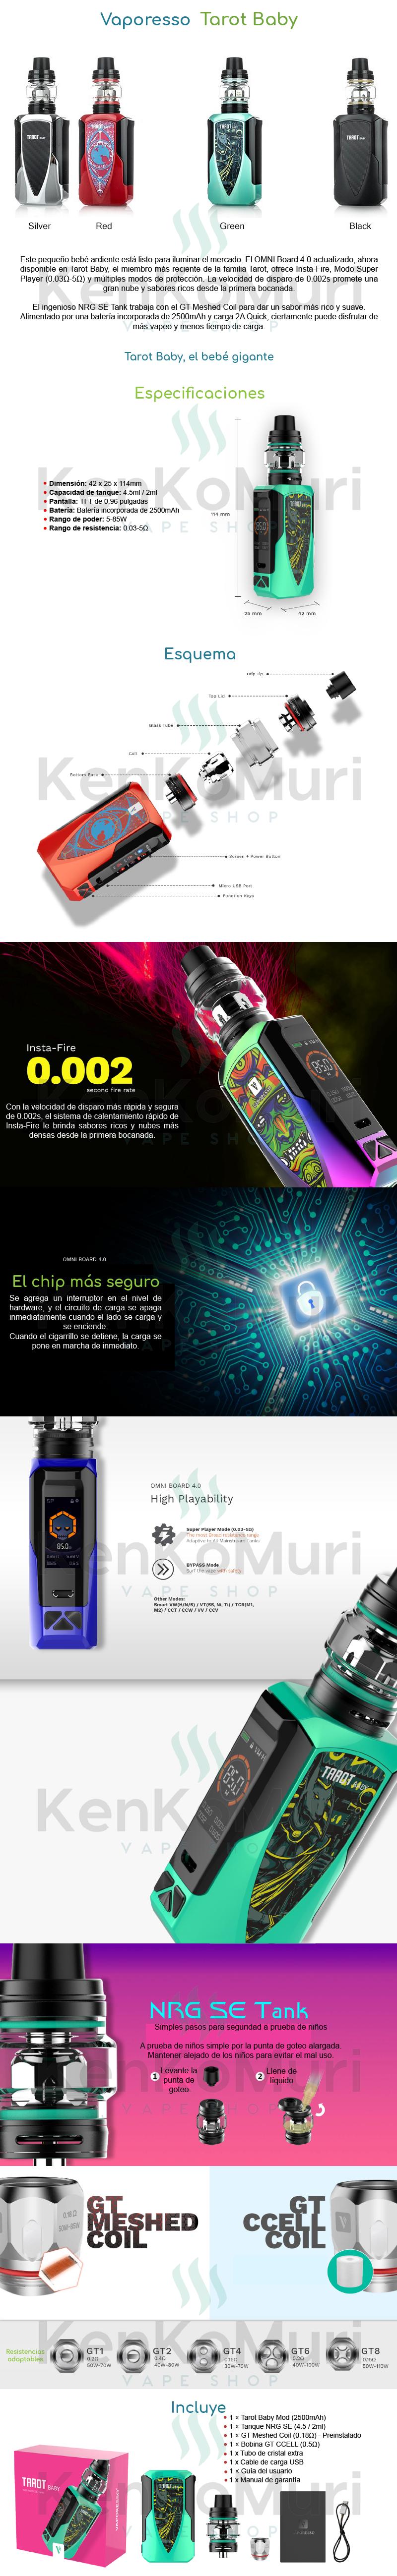 cigarroelectronico-vapeador-vaporesso-tarotbaby-mexico-kenkomuri